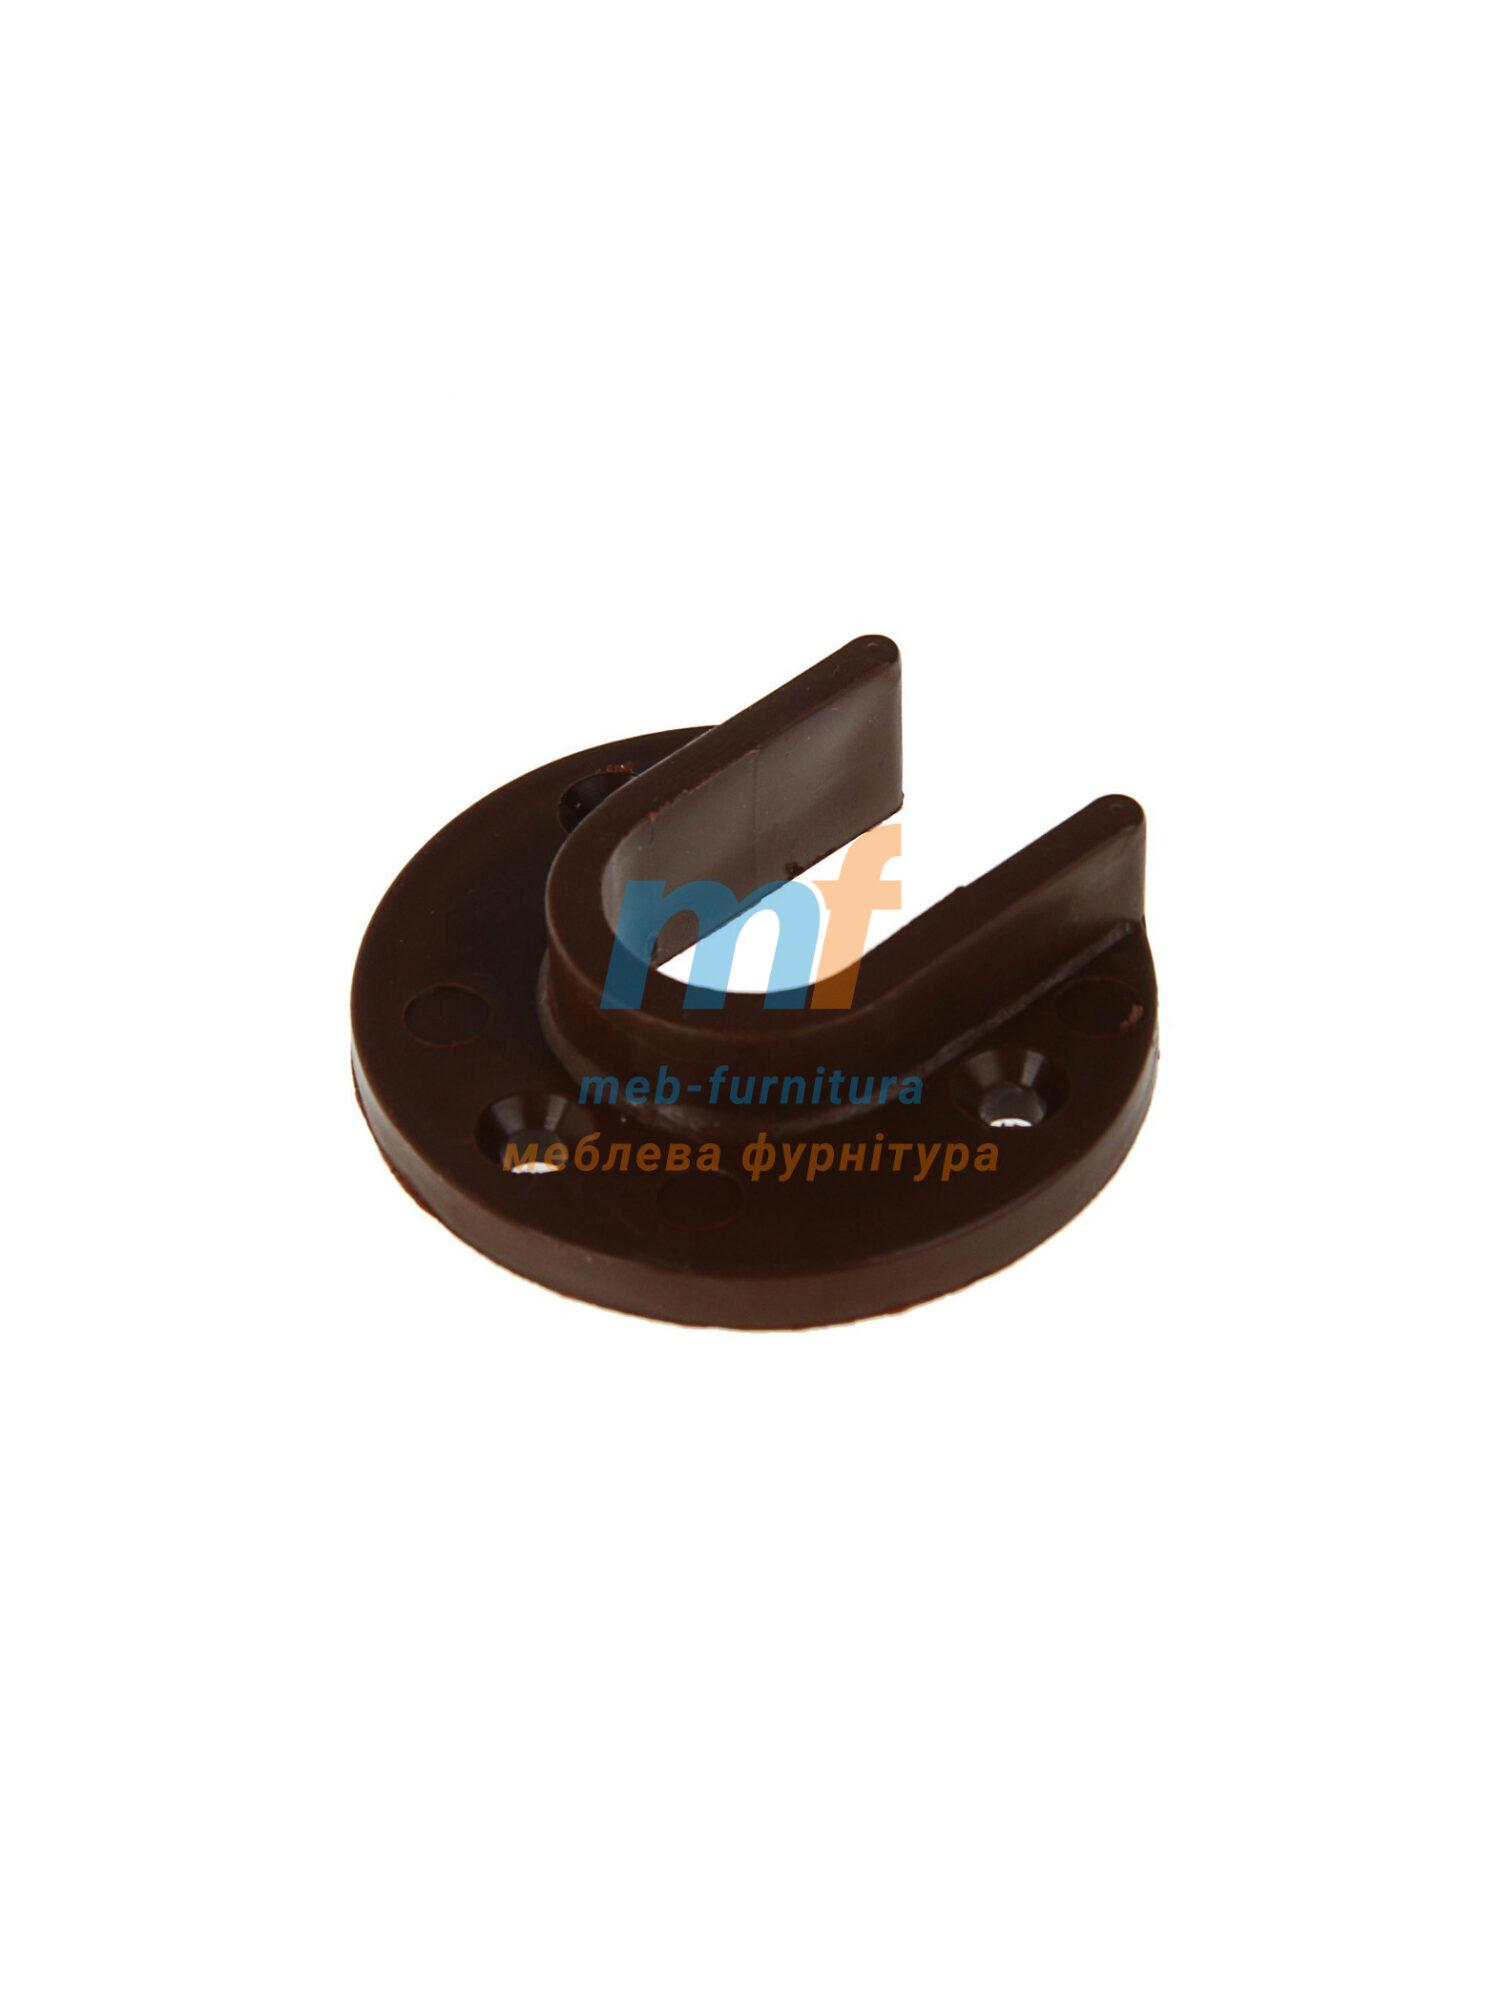 Штангодержатель пластик для трубы 25мм коричневый 2шт.